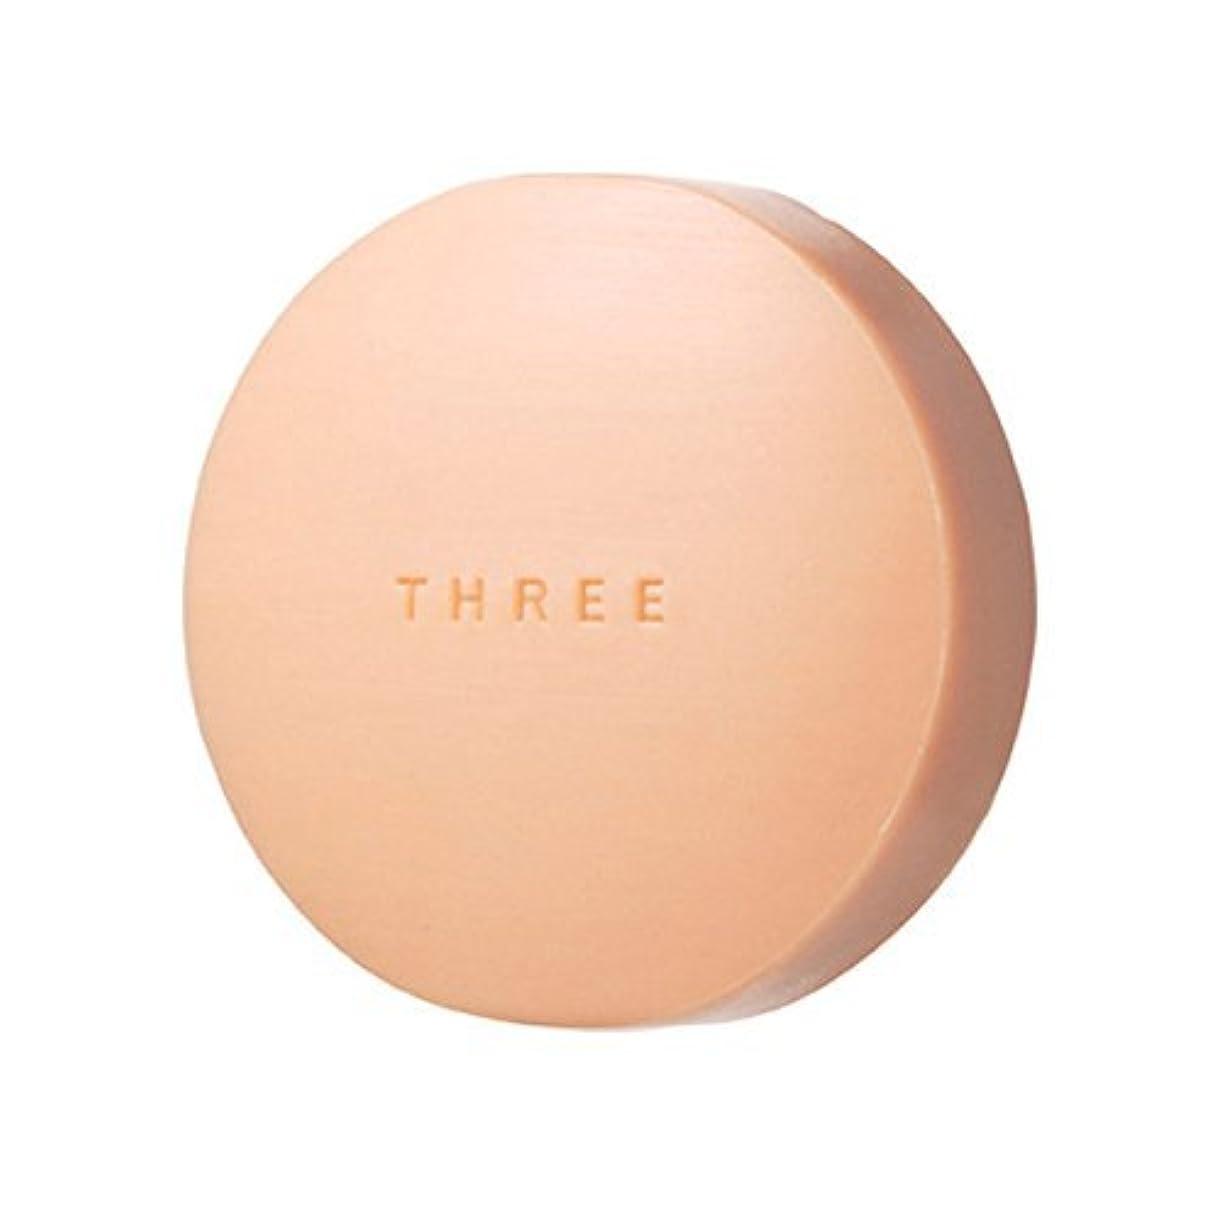 夕食を食べるくぼみ奨学金THREE(スリー) THREE エミング ソープ 80g